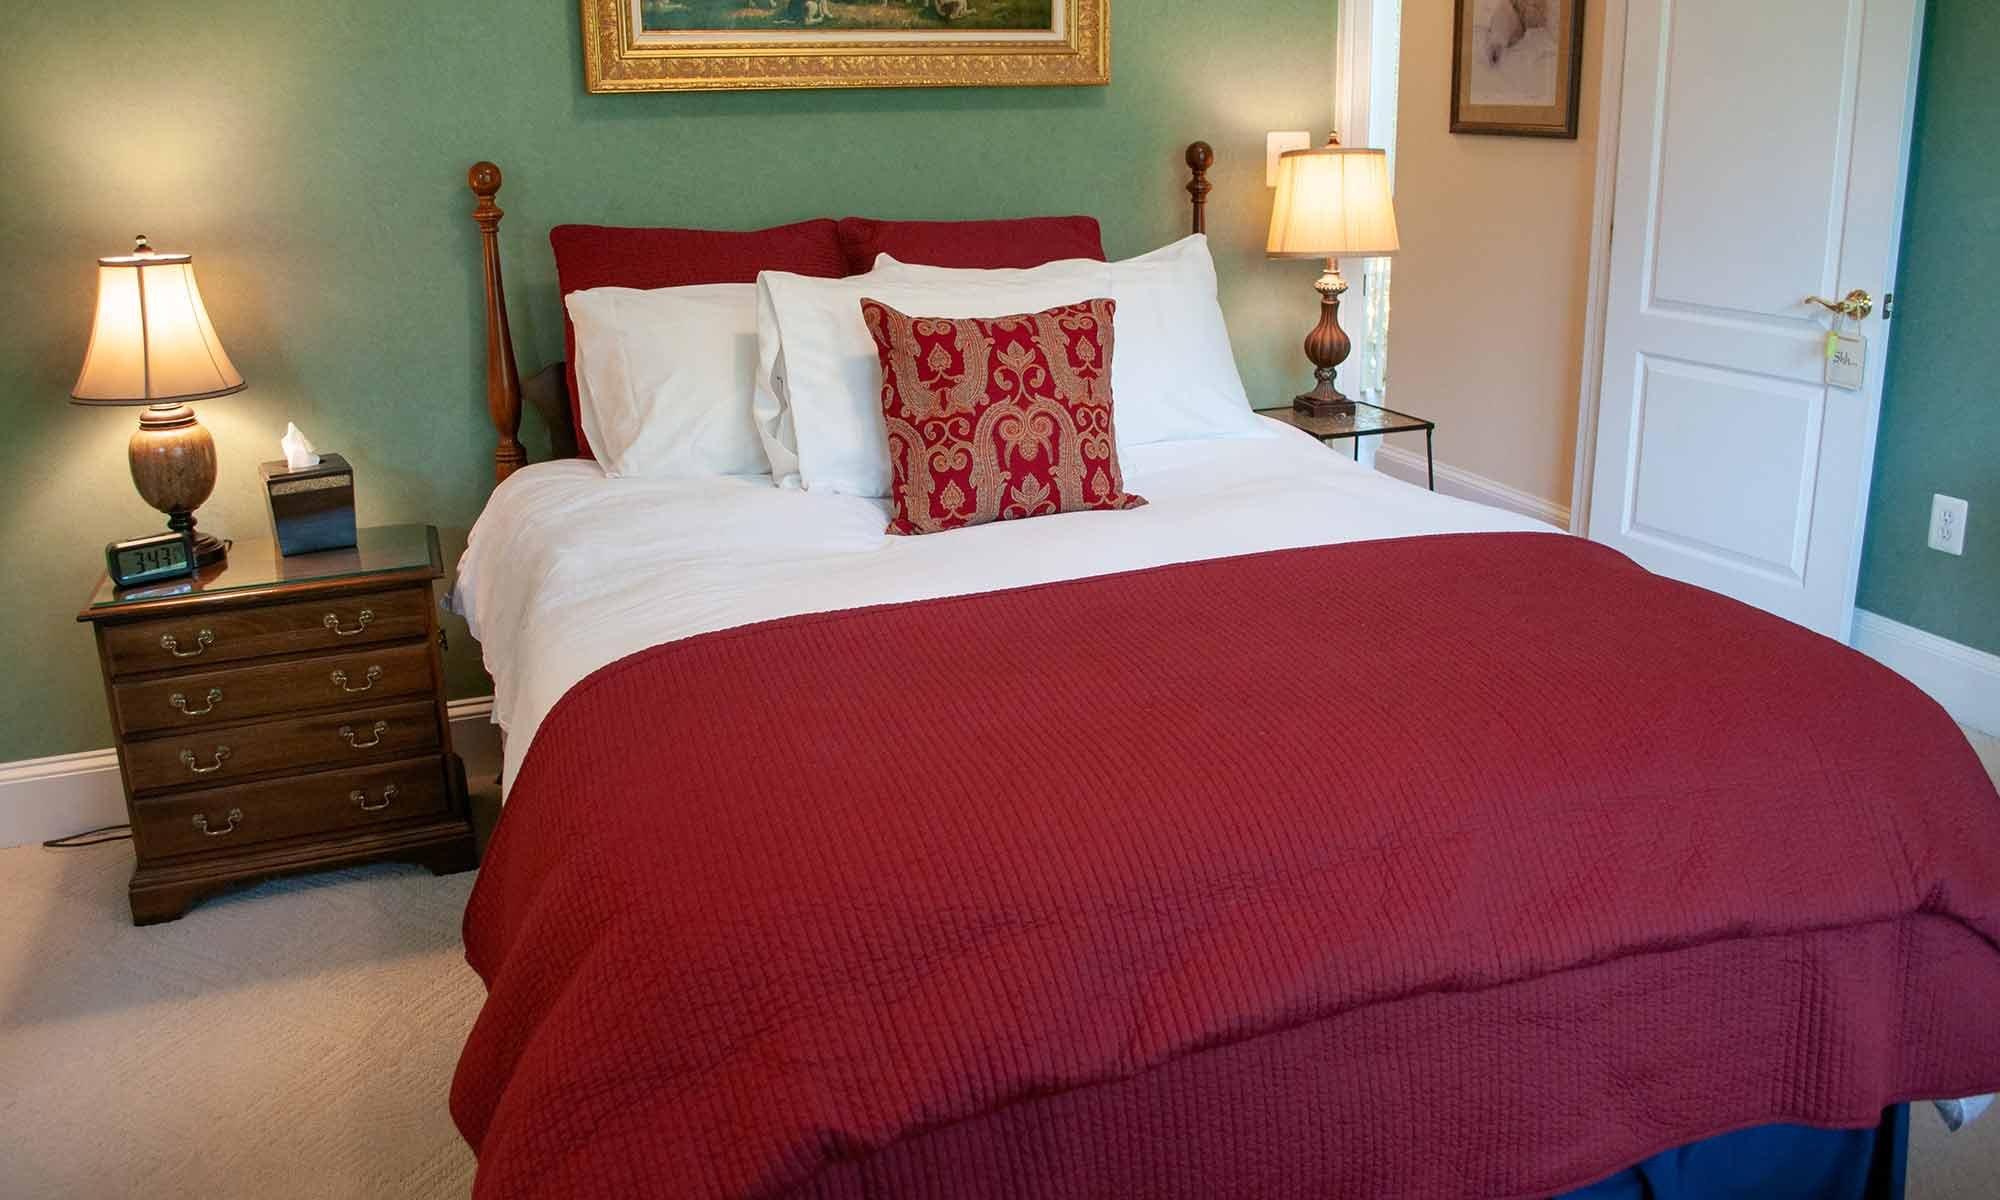 Queen bed between lamps